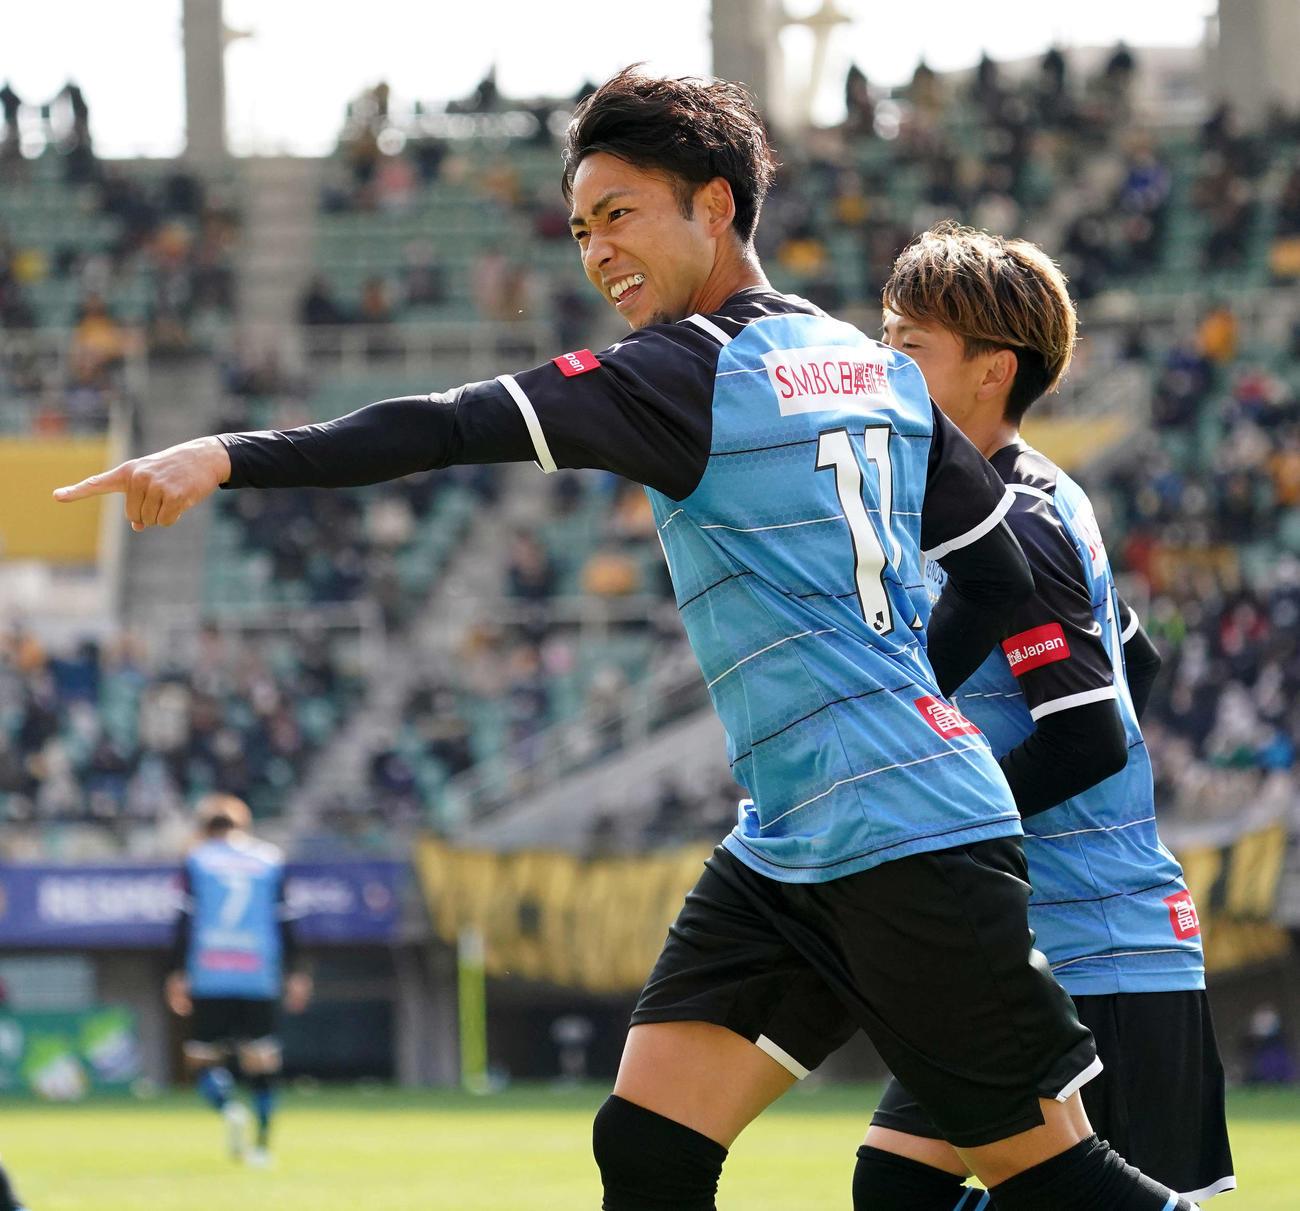 仙台対川崎F 前半、先制ゴールを決めた川崎F・FW小林(左)(撮影・江口和貴)